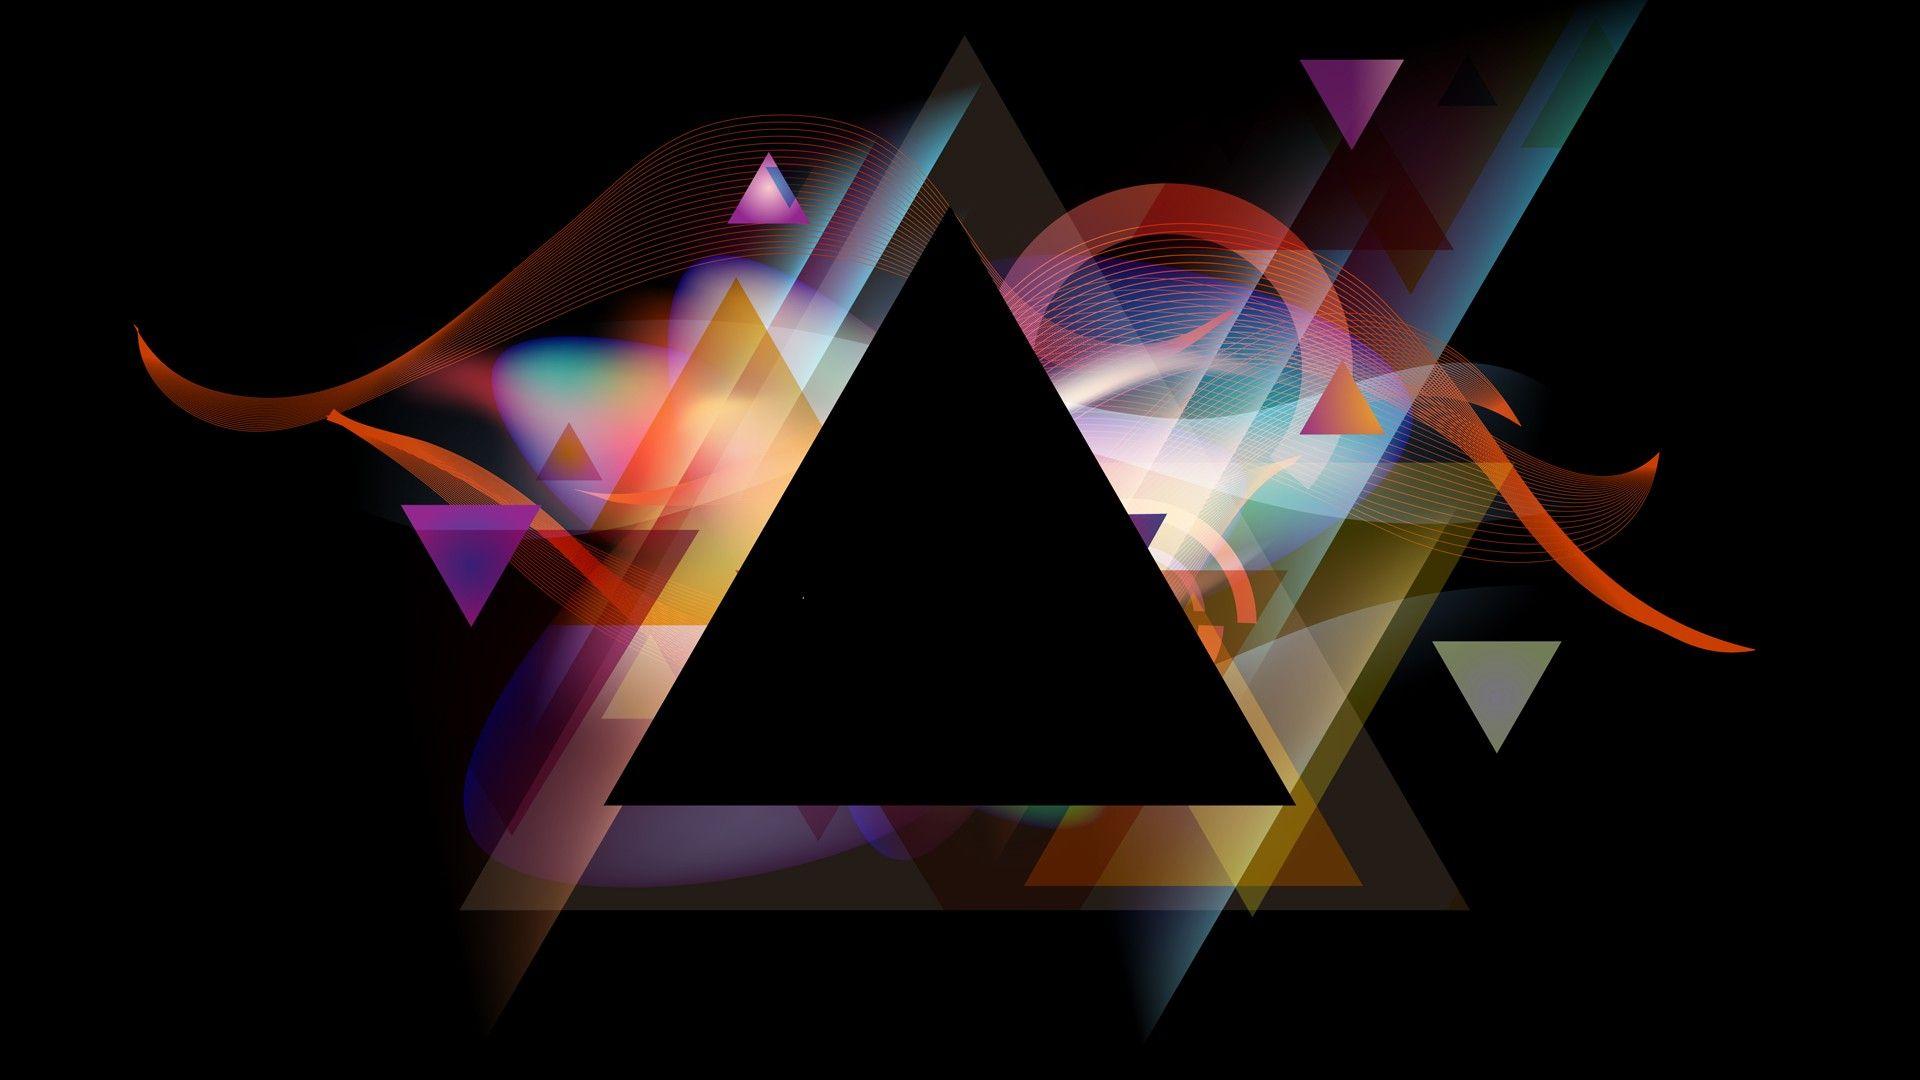 Illuminati tattoo - Illuminati Wallpaper Insomnia Pinterest Illuminati